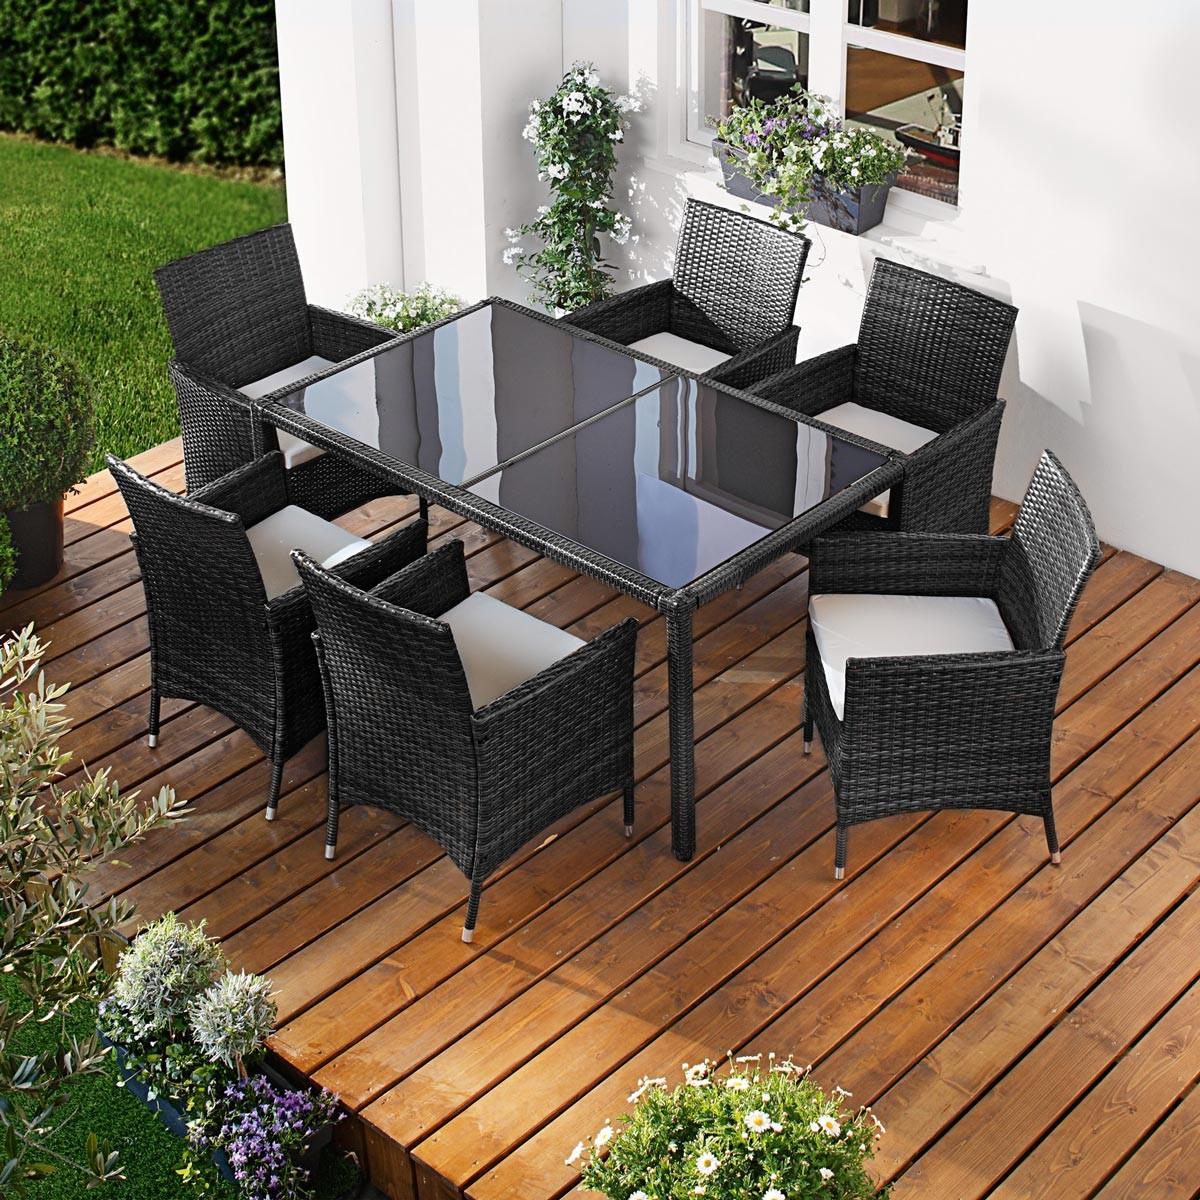 polyrattan gartenm belset elegance 7tlg schwarz. Black Bedroom Furniture Sets. Home Design Ideas